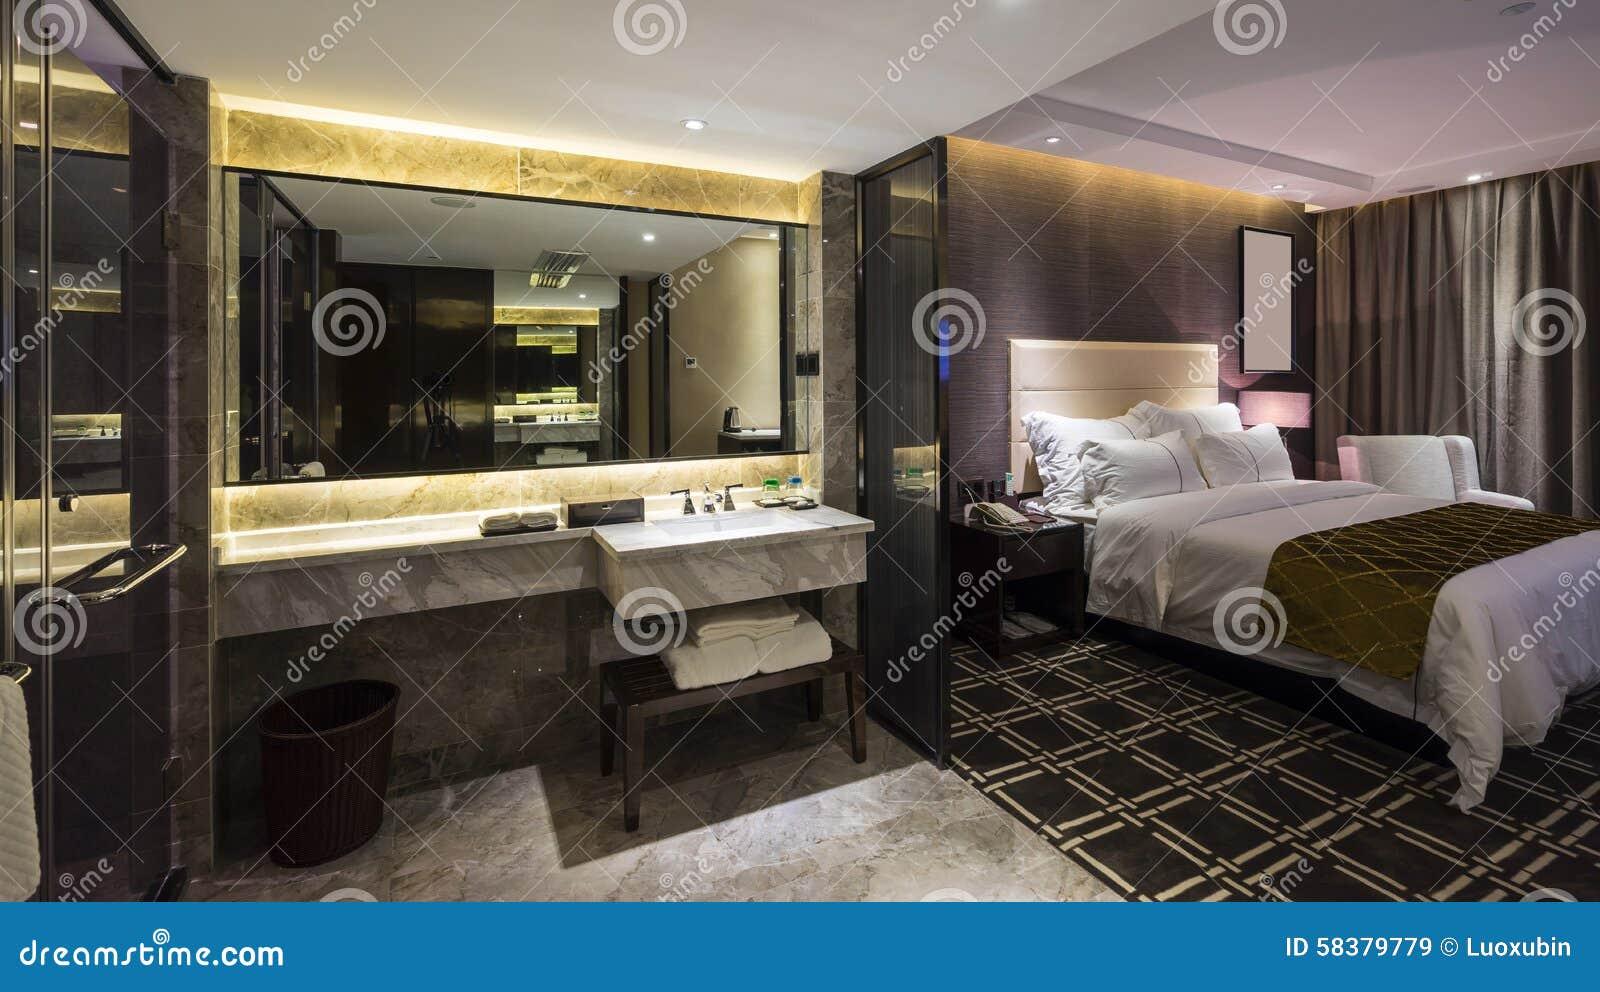 chambre d 39 h tel de luxe image stock image du meubles 58379779. Black Bedroom Furniture Sets. Home Design Ideas